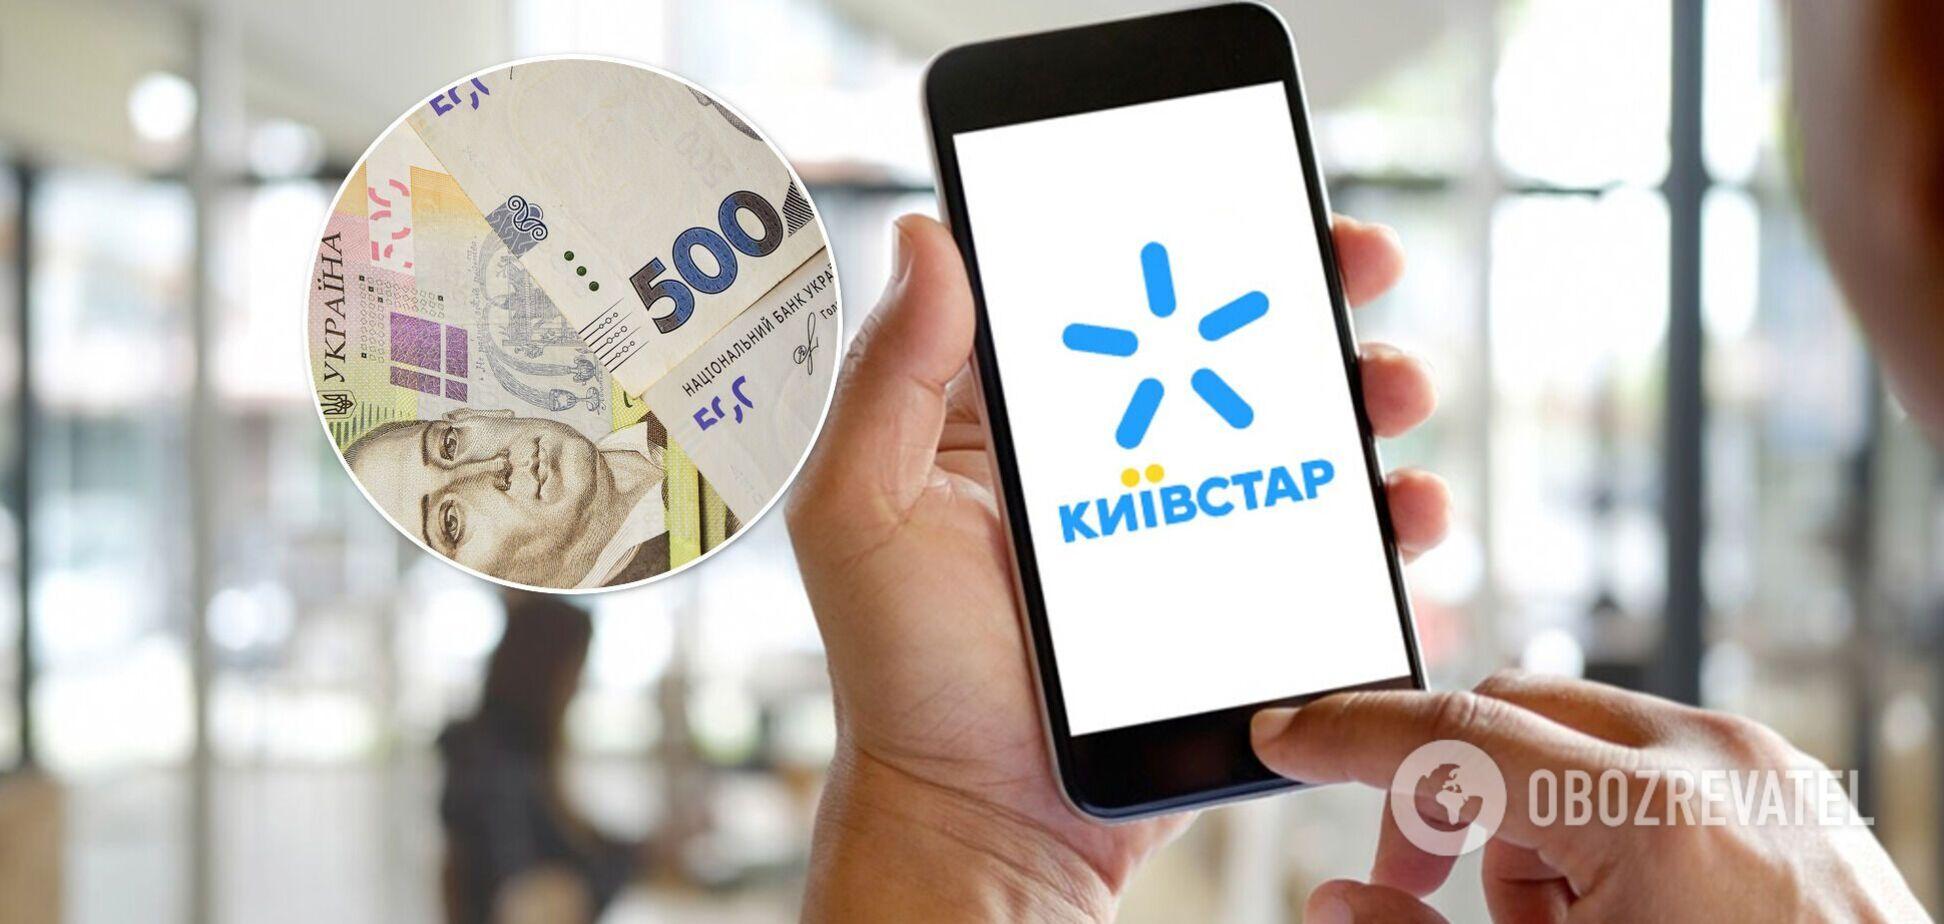 'Київстар' відключить старі тарифи і введе нові